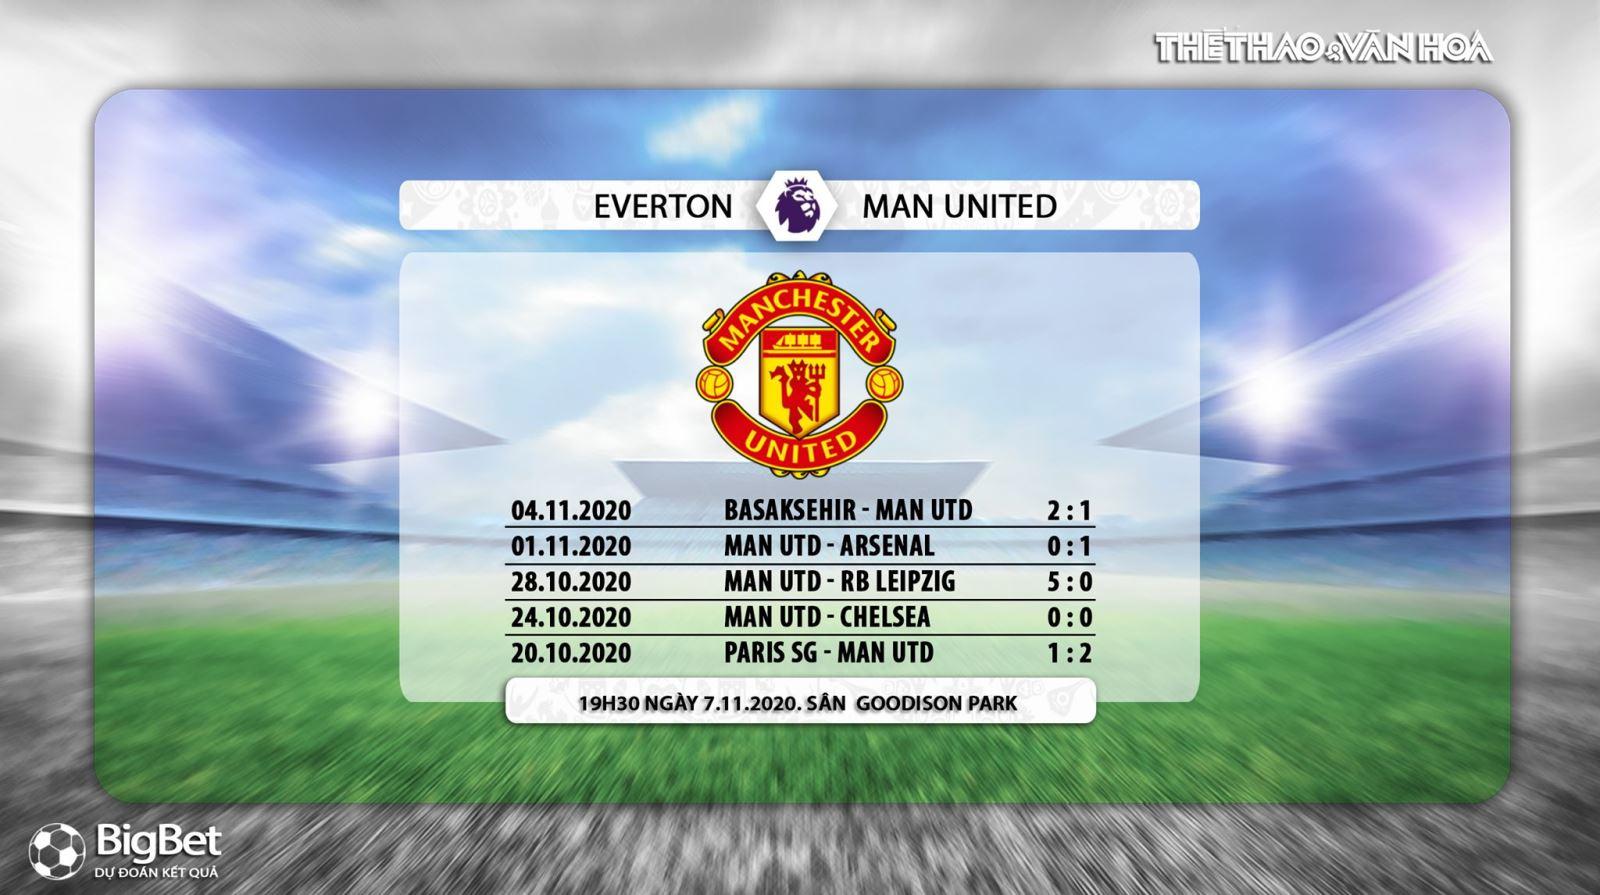 Keo nha cai, kèo nhà cái, Everton vs MU, K+PM, Truc tiep bong da, Ngoại hạng Anh, Xem K+, trực tiếp bóng đá Anh, Soi kèo bóng đá, kèo MU, trực tiếp bóng đá Anh